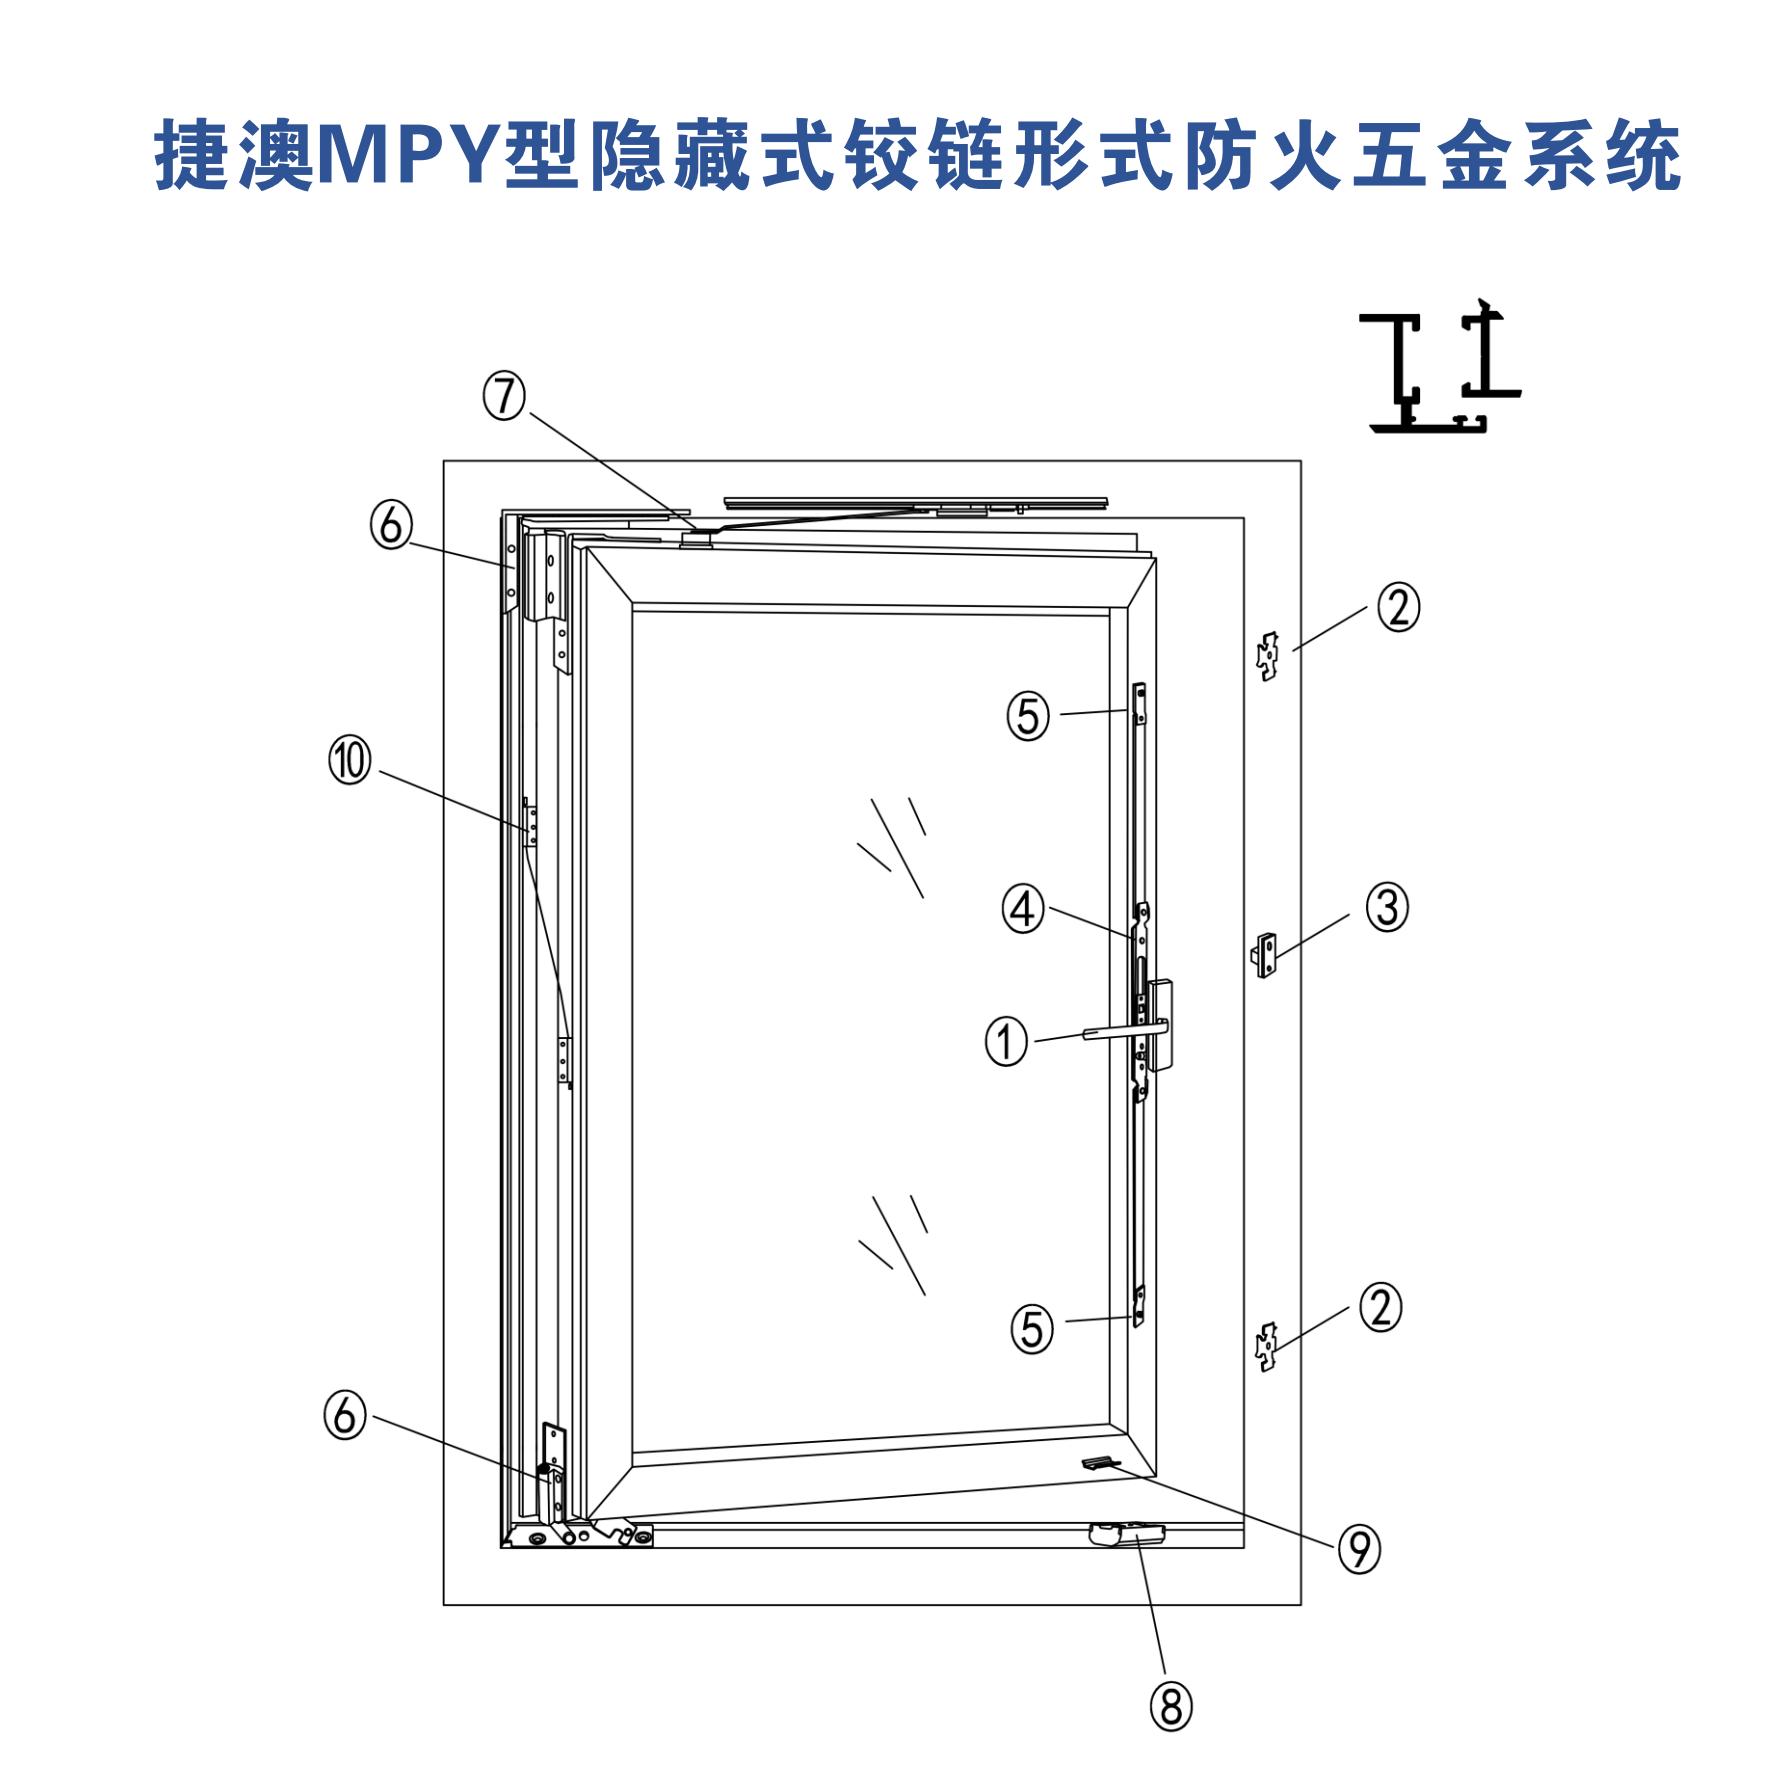 九游会j9官网备用MPY型隐藏式铰链形式防火五金系统